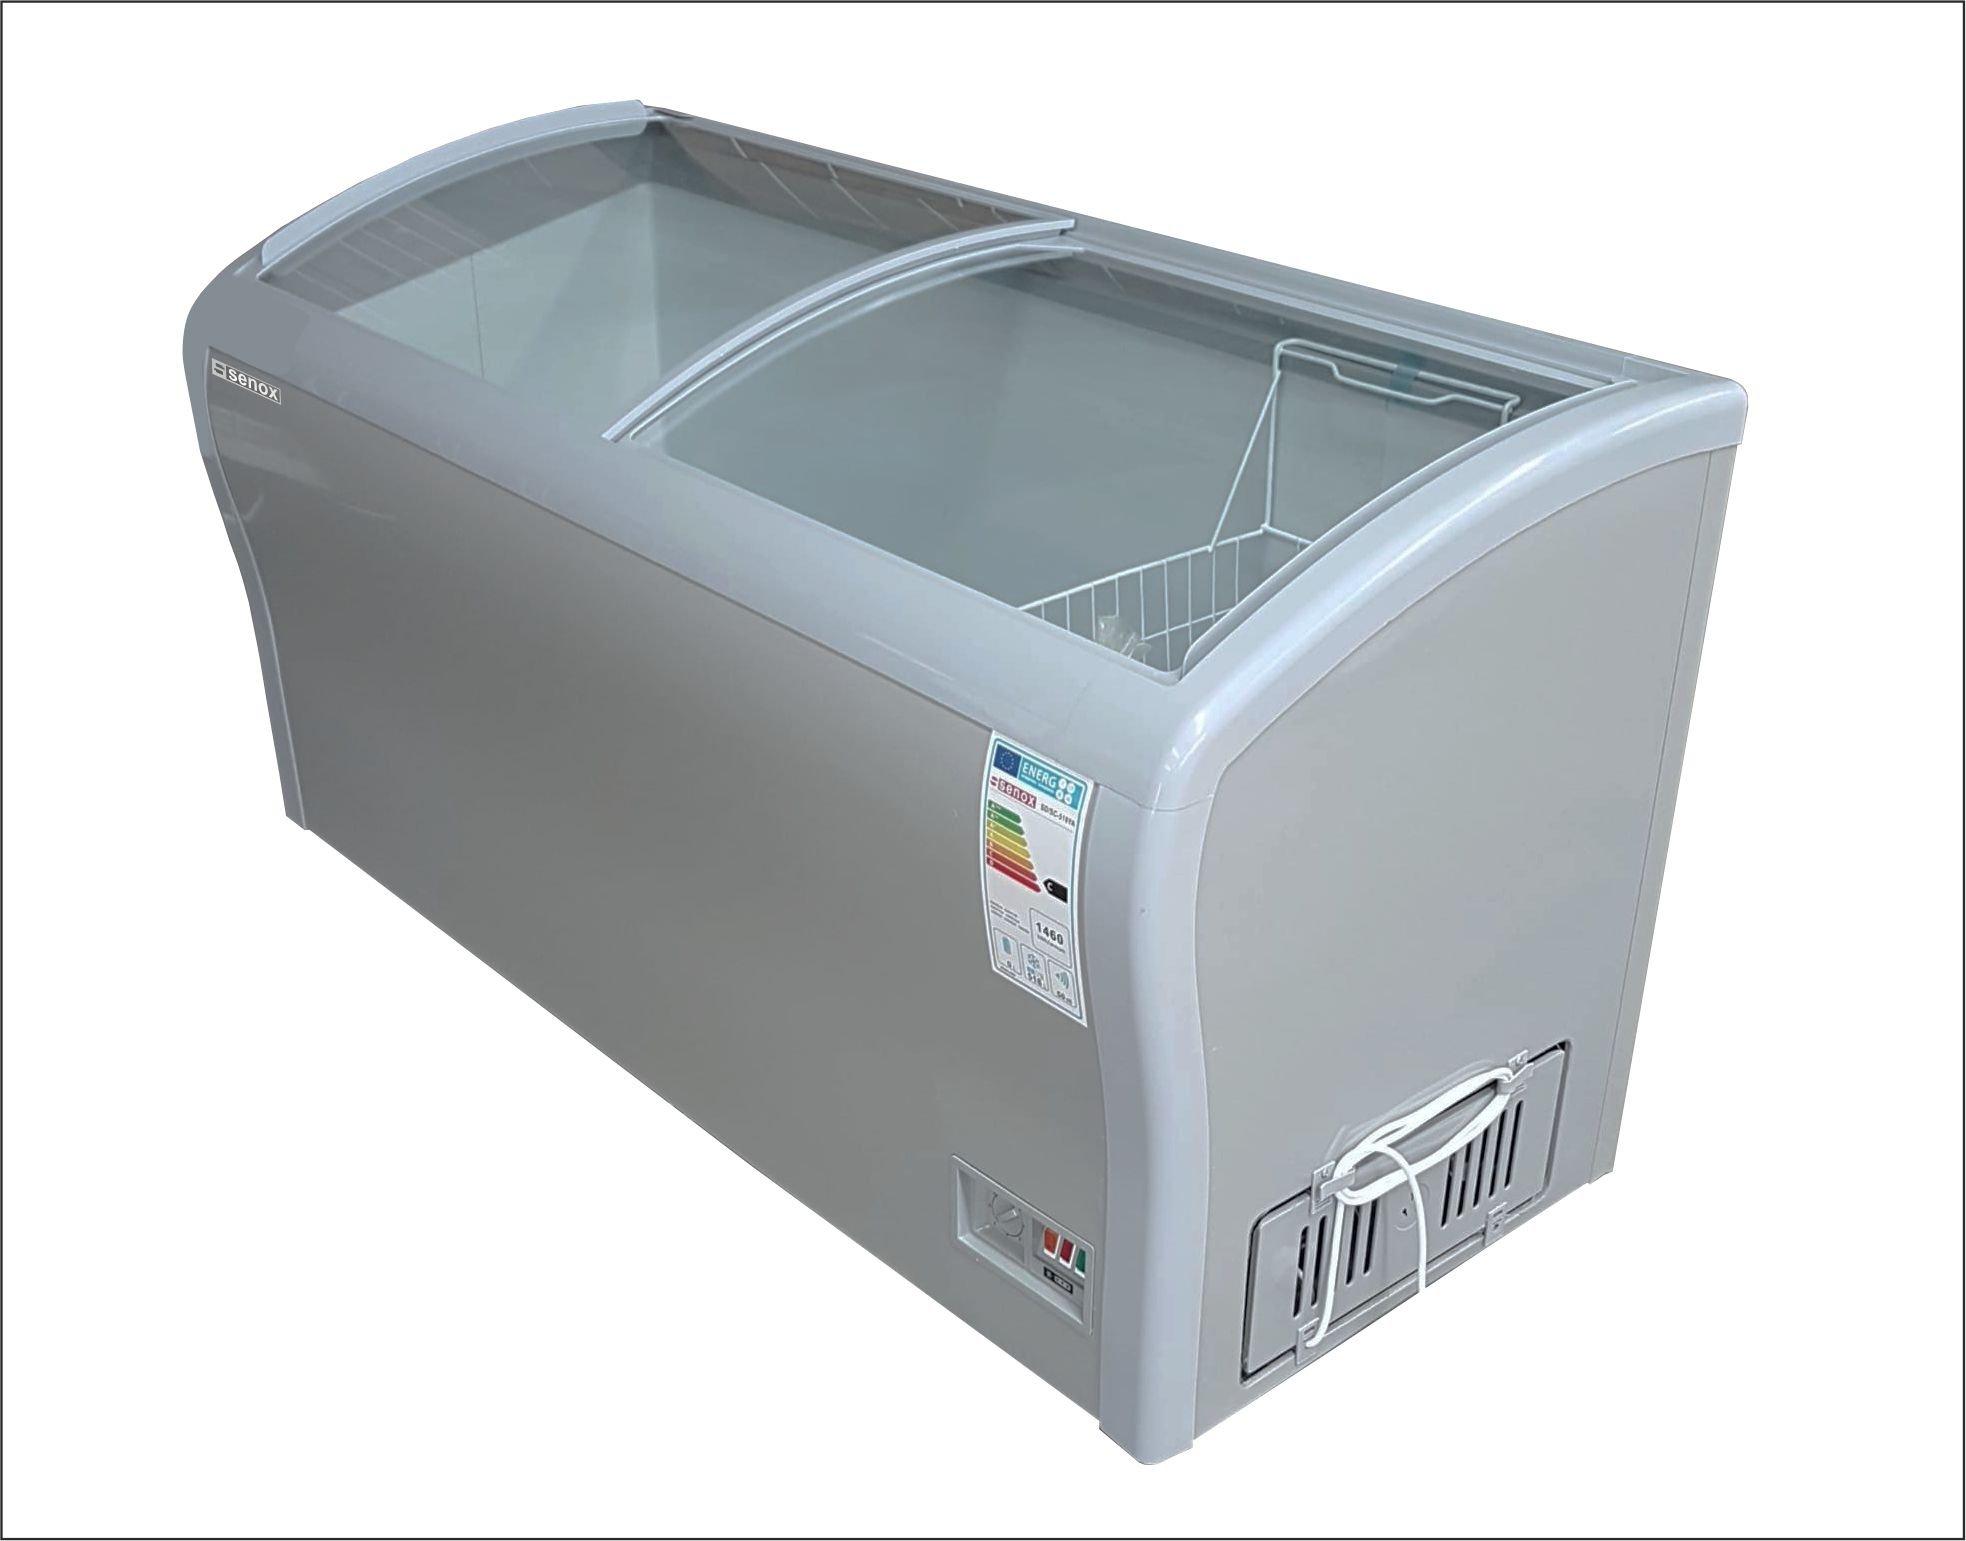 senox-db-520